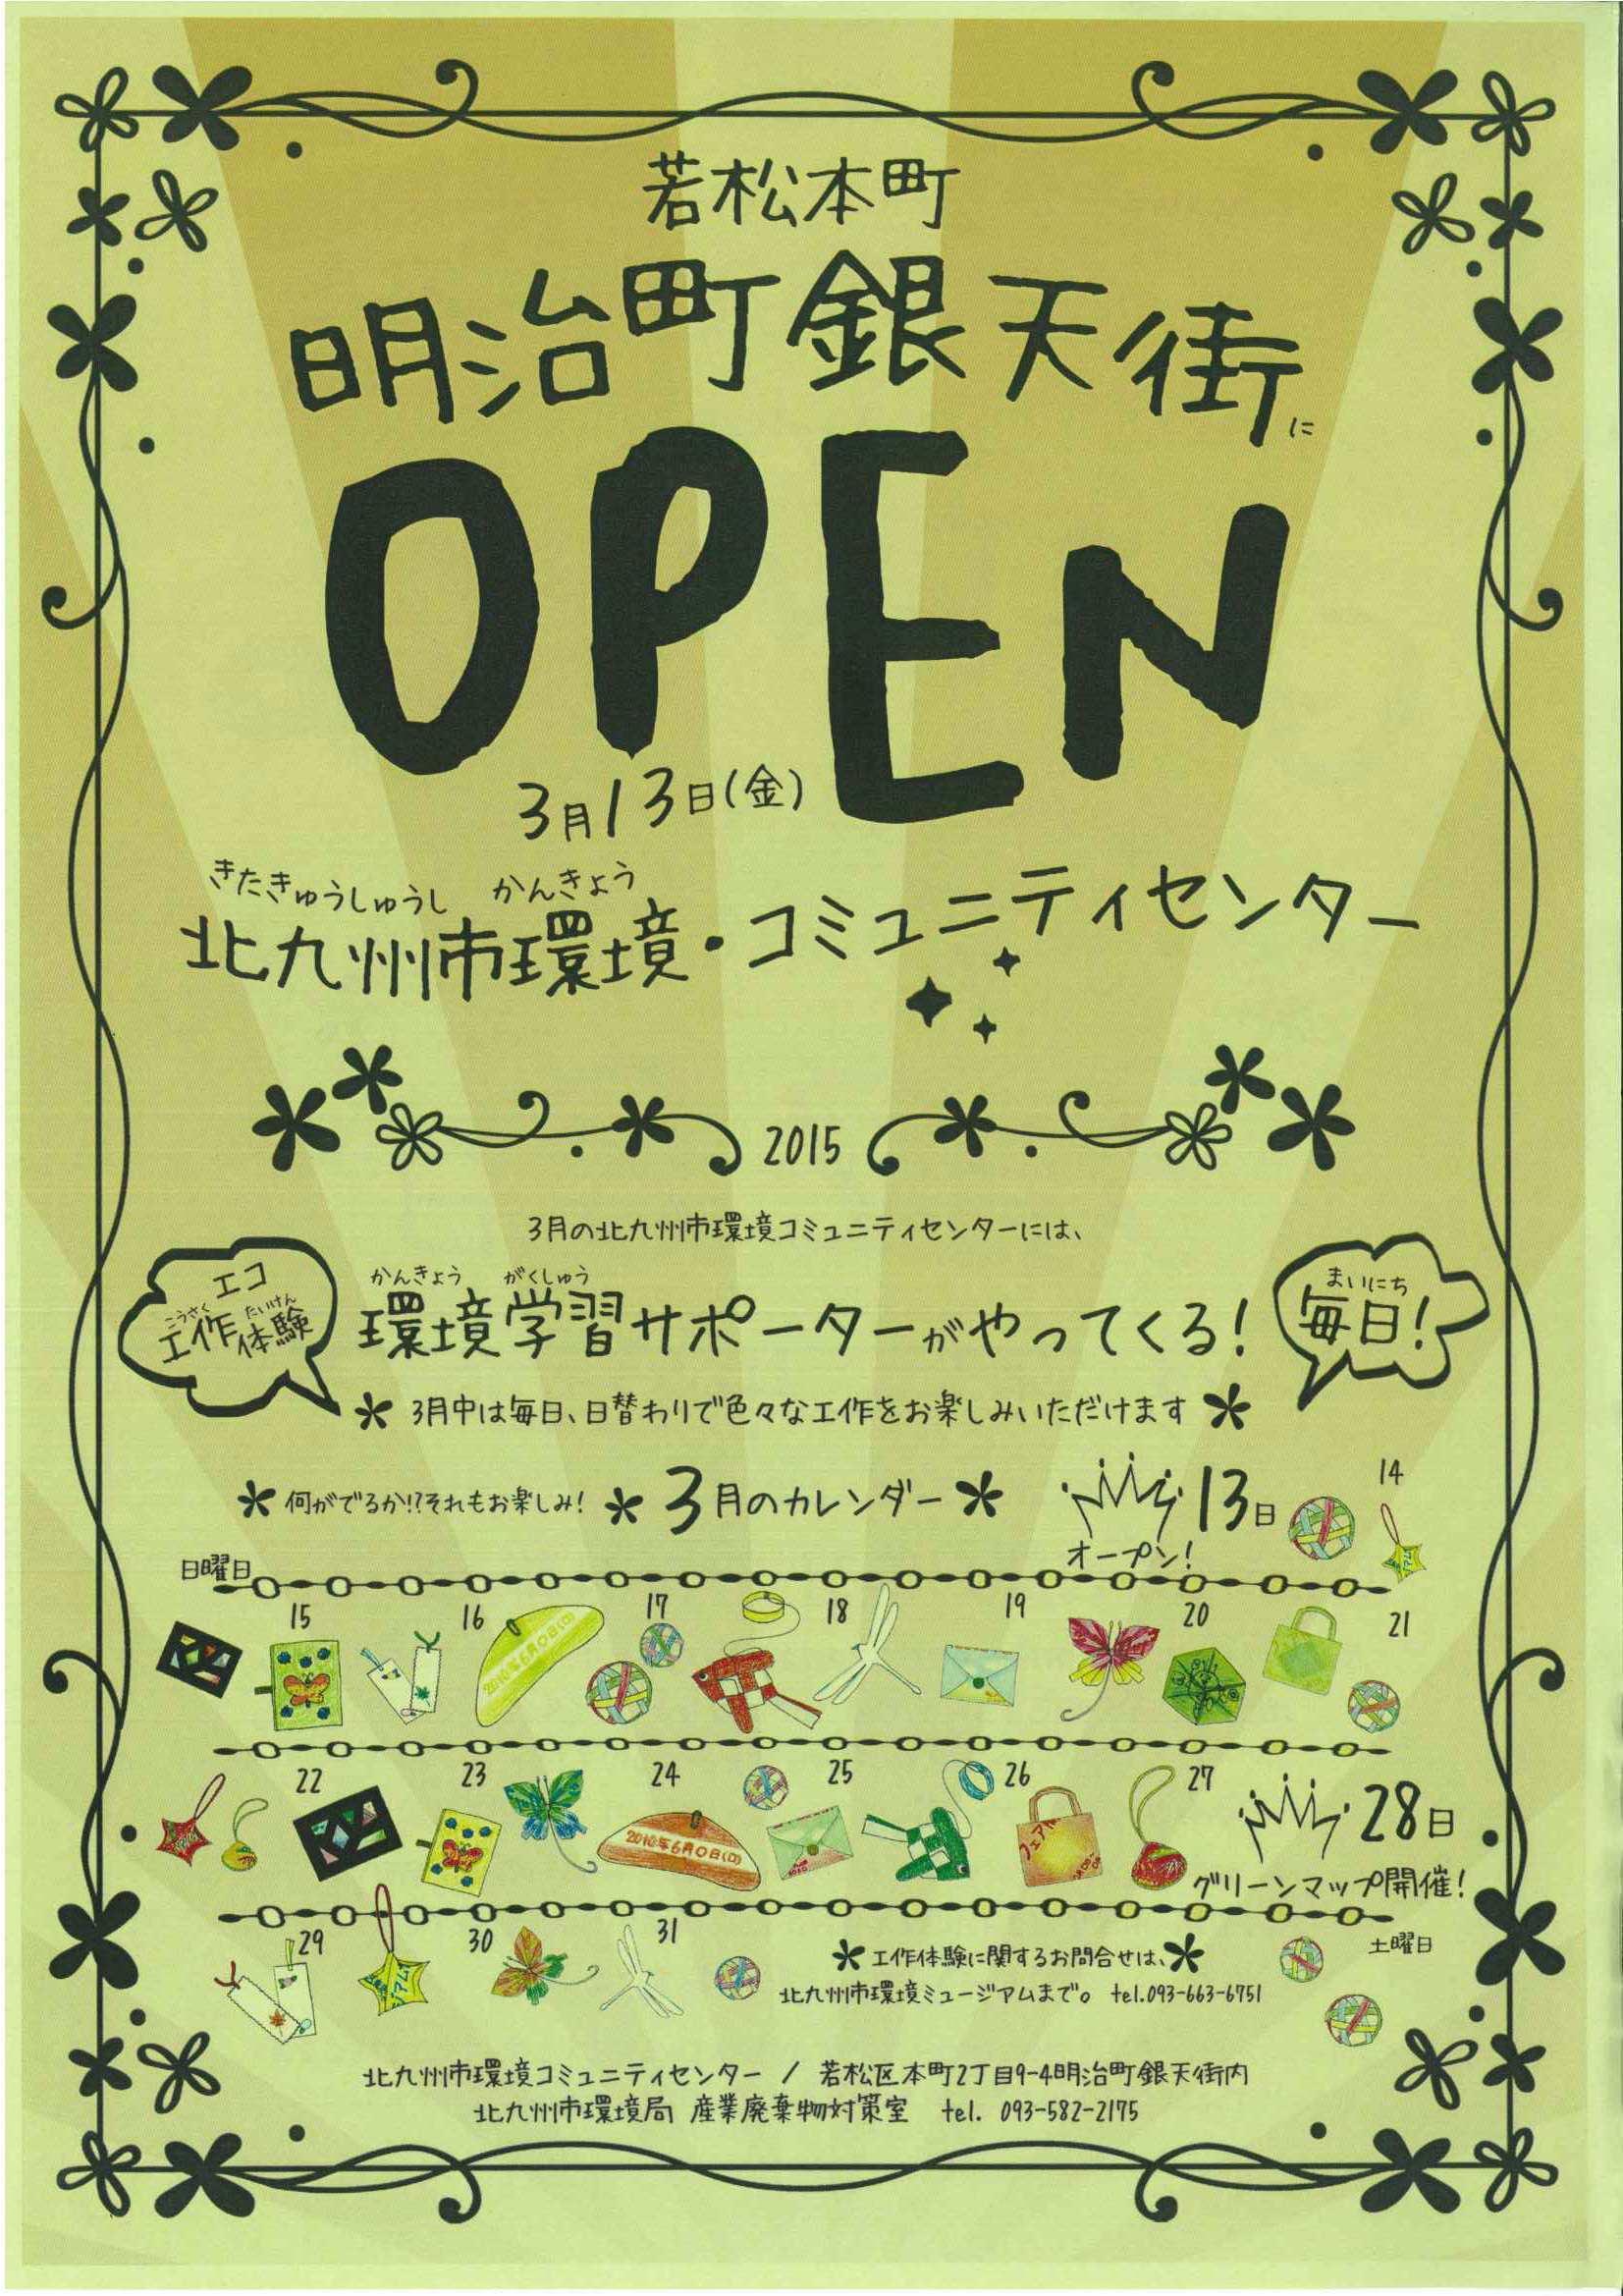 北九州市環境・コミュニティセンター OPEN!_e0198627_15181911.jpg